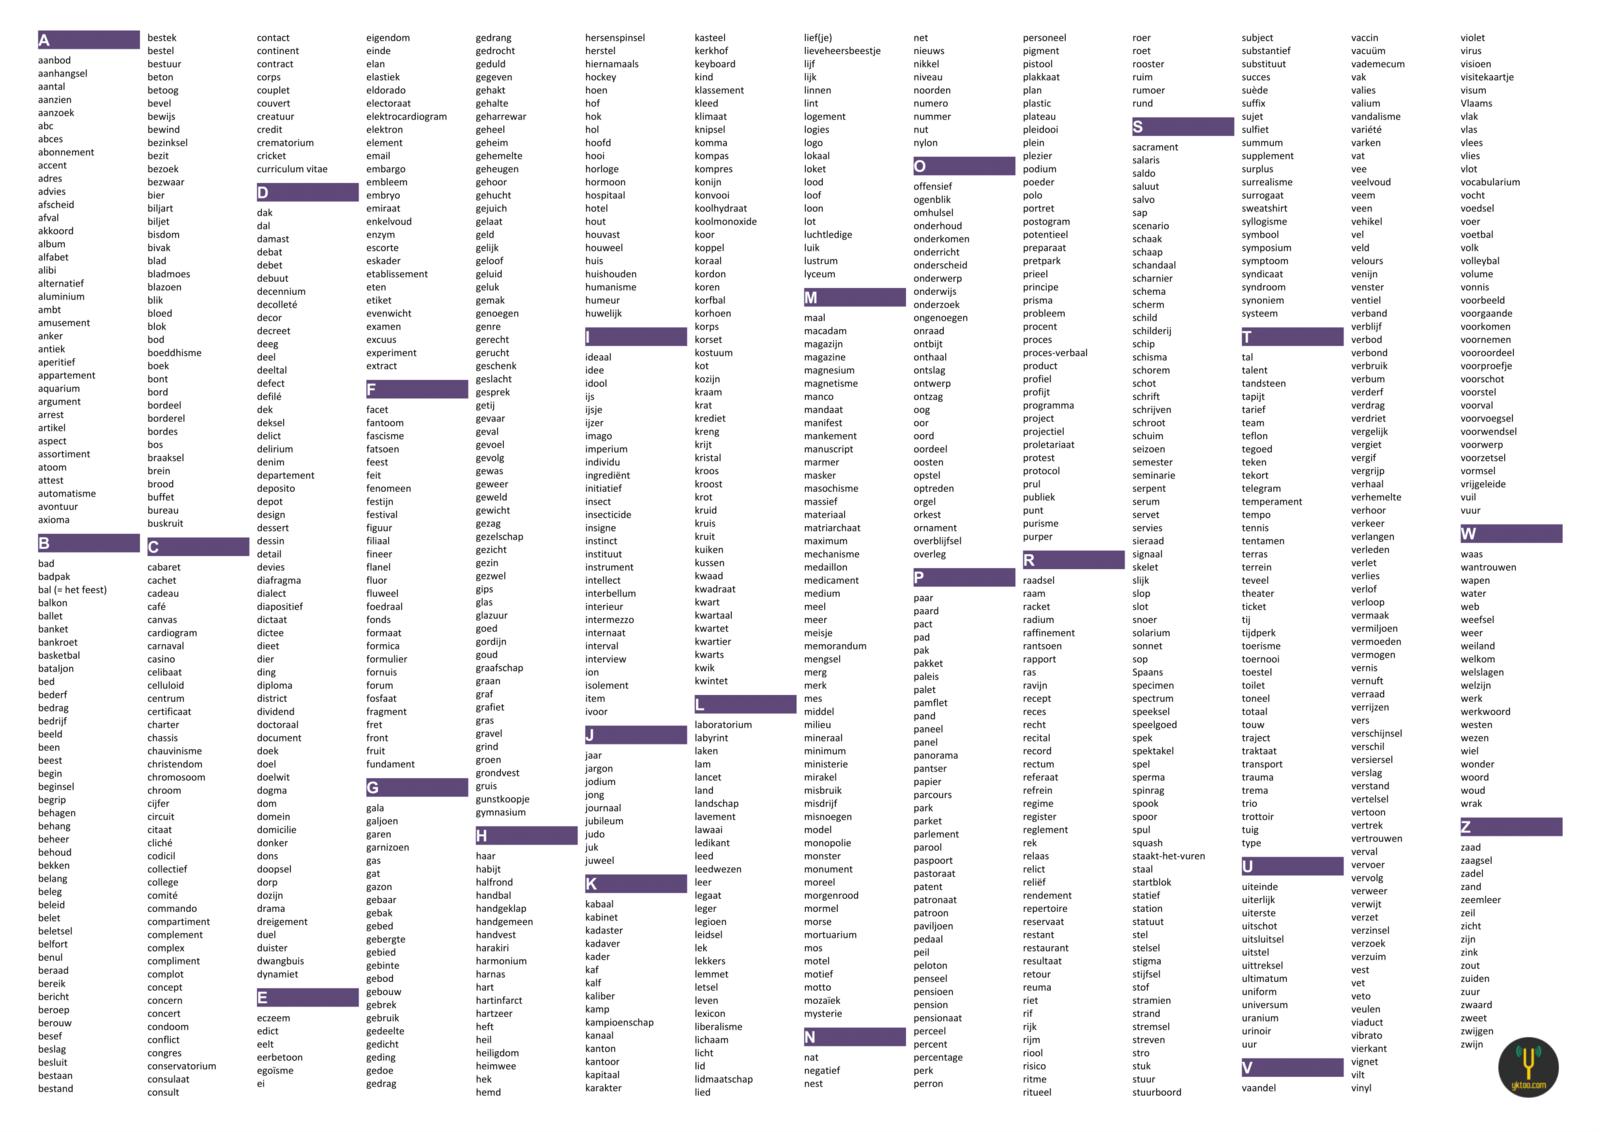 Список het-существительных нидерландского языка.